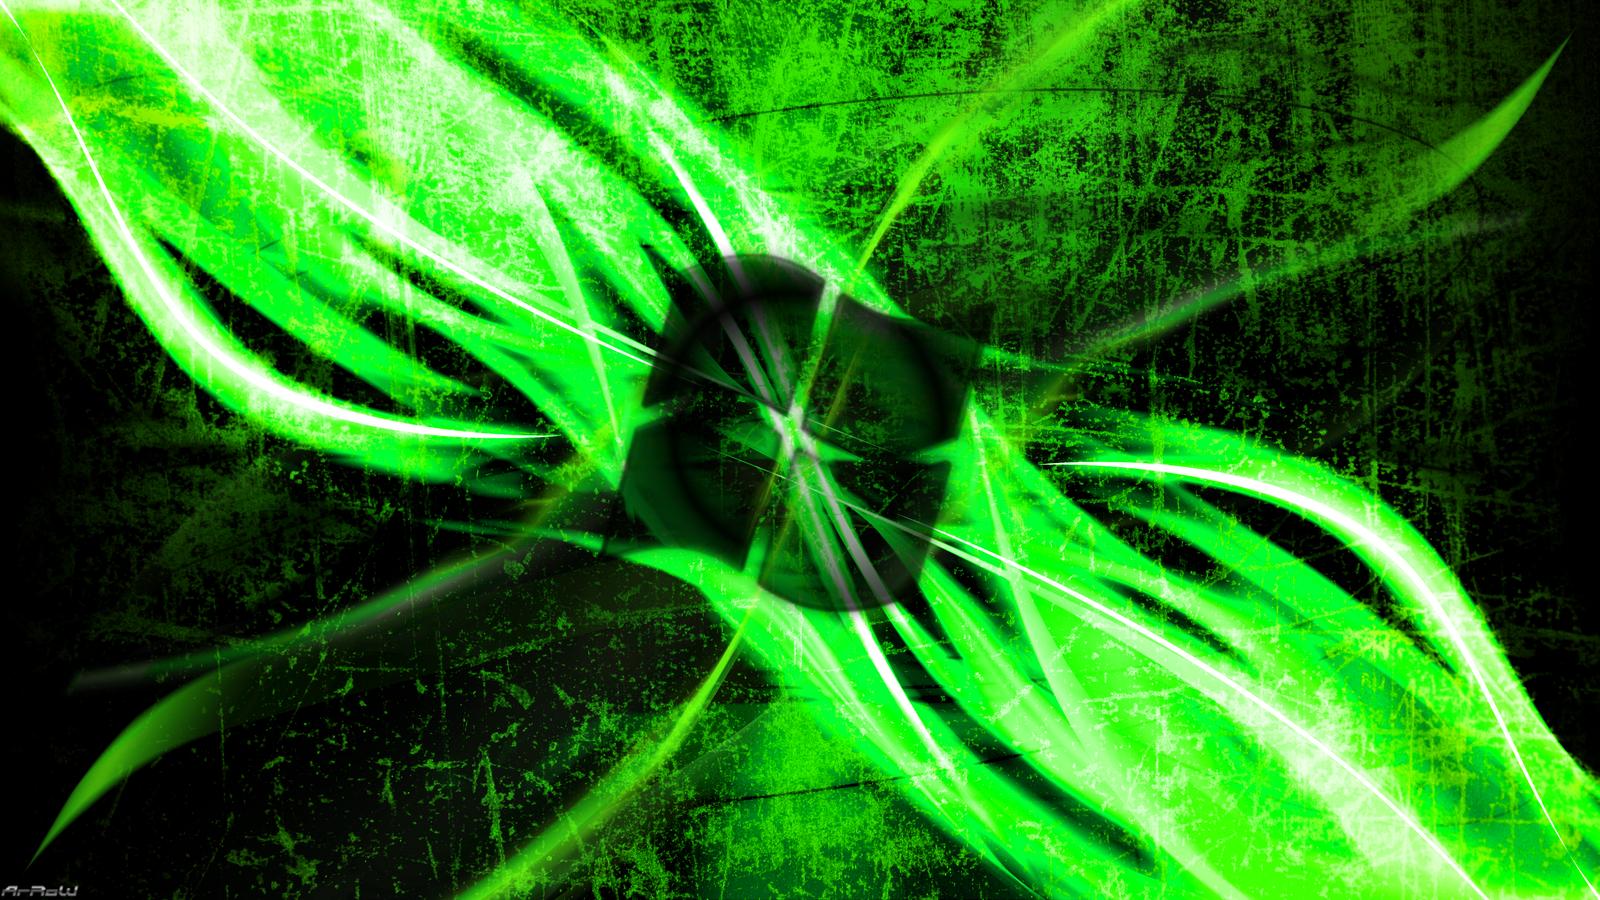 Scratch N Lighting Windows Wallpaper Ultra Hd By Arrow 4 U